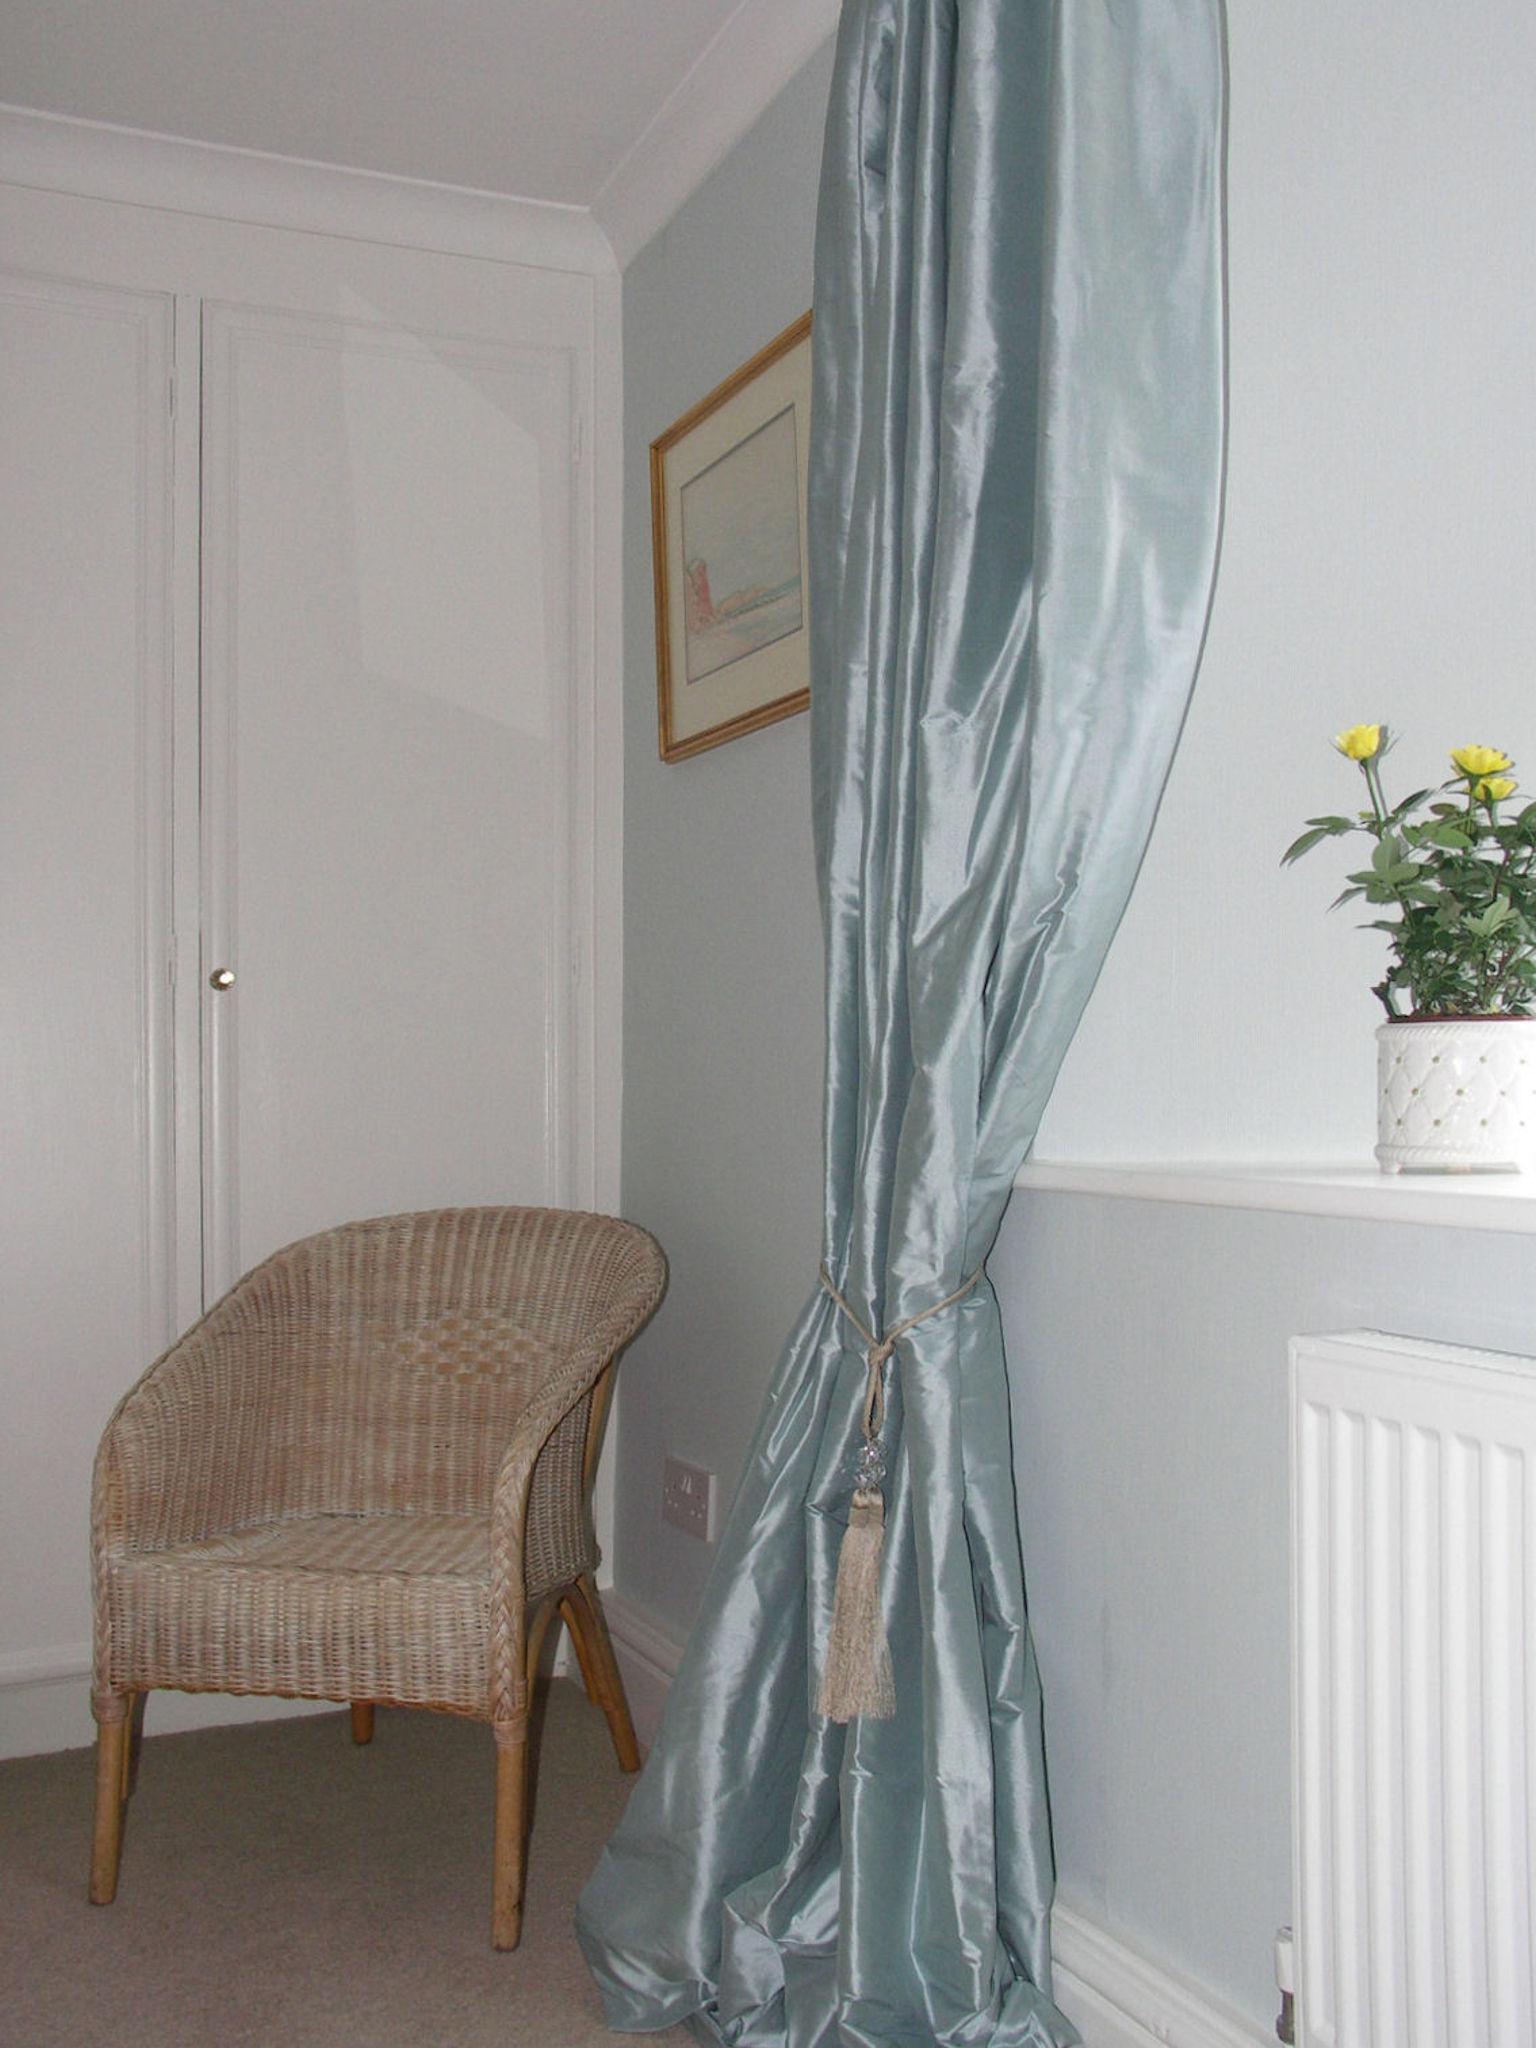 Polly's Room curtains.jpg